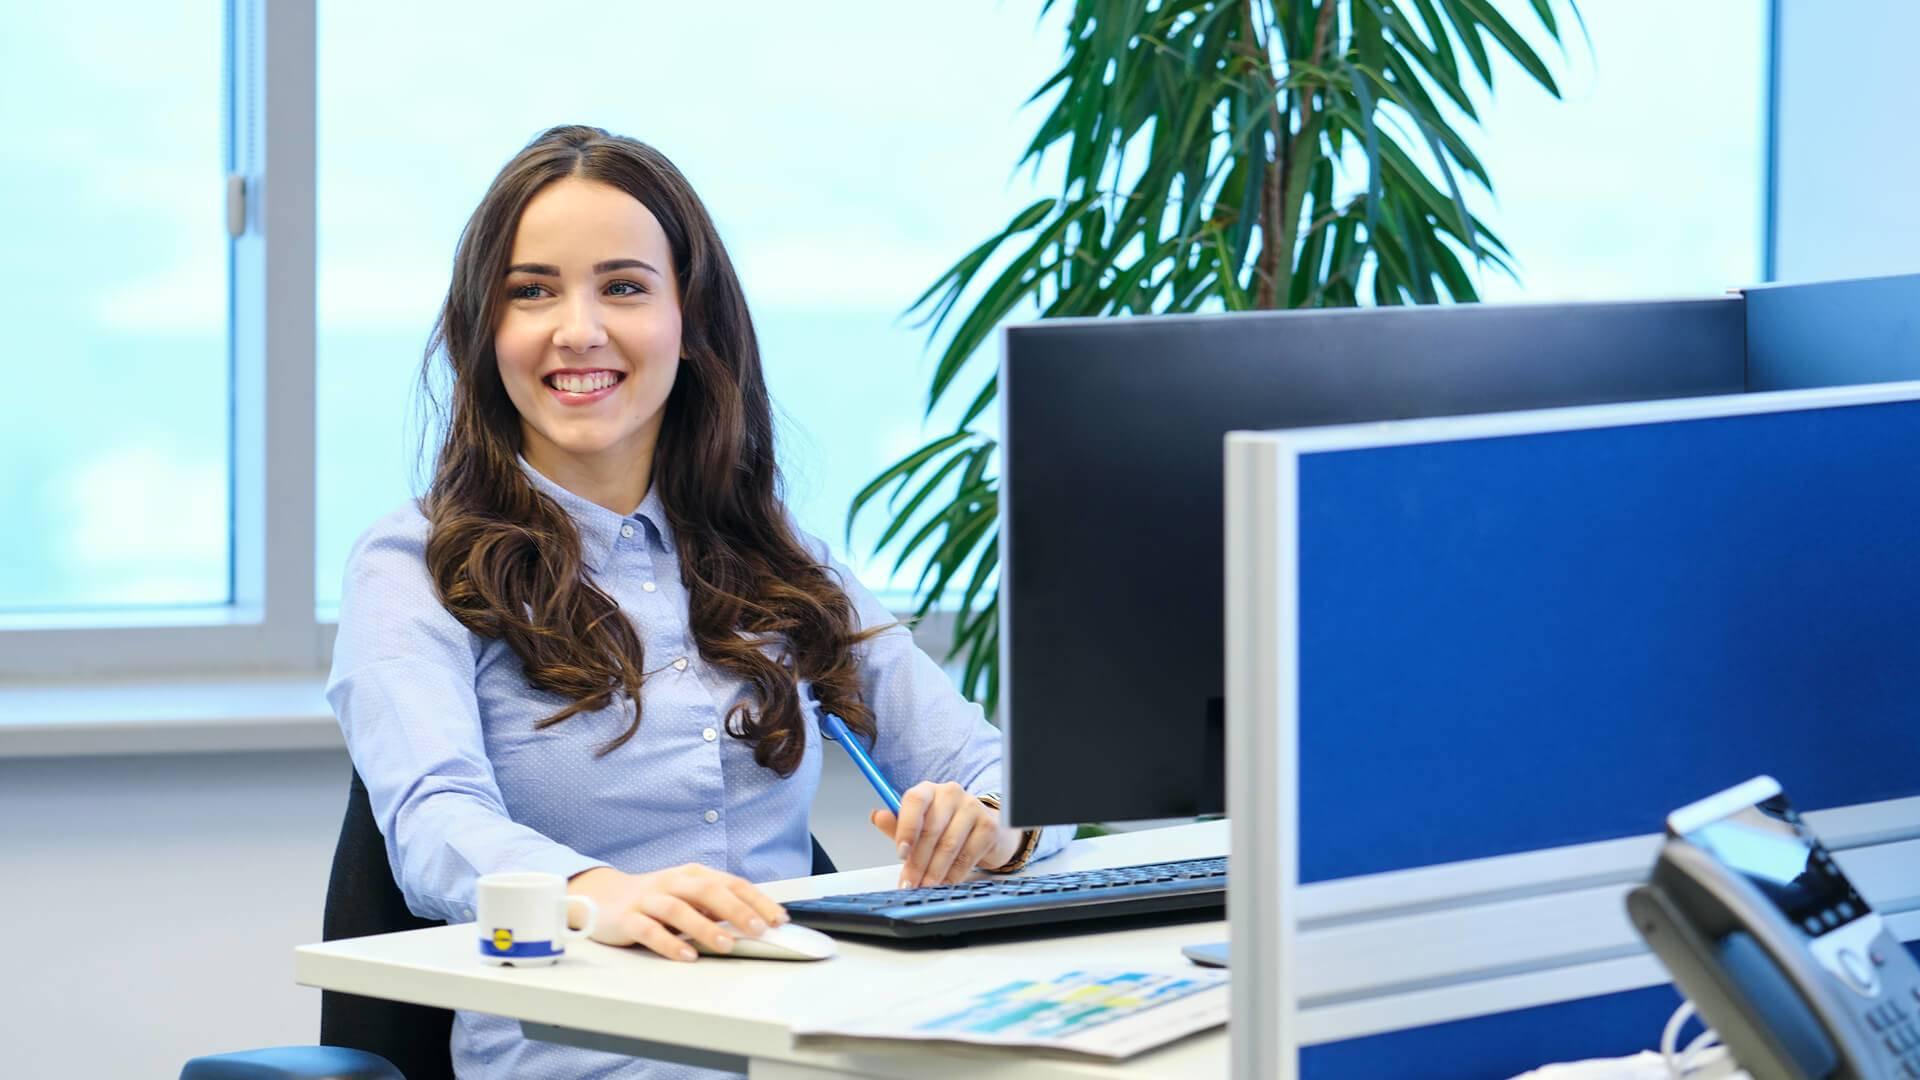 zamestnankyňa v kancelárii pri počítači